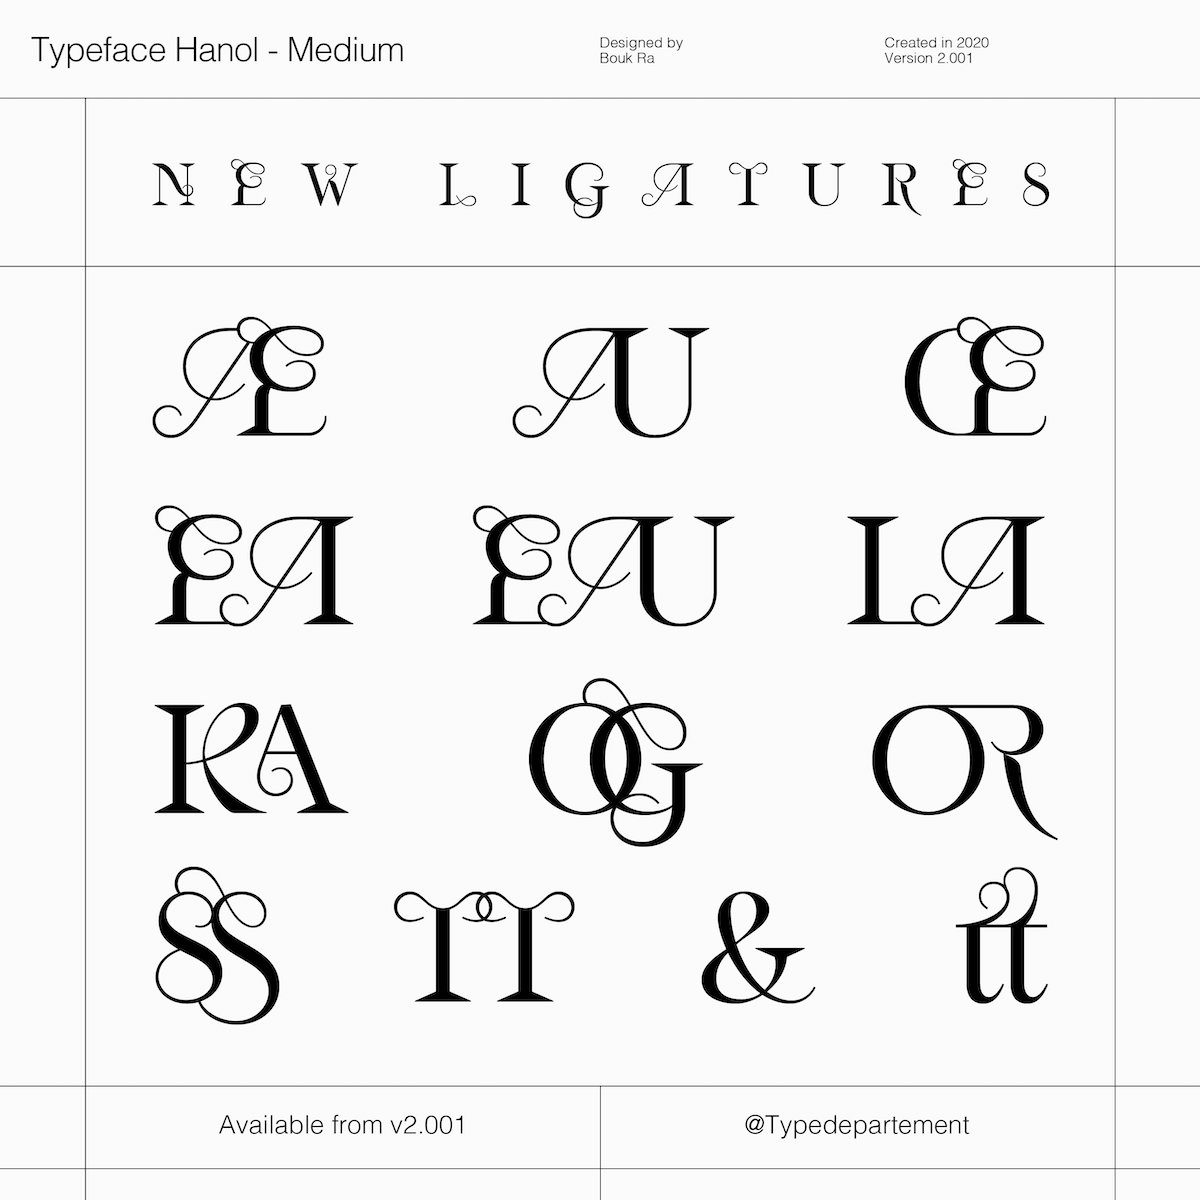 Hanol V.2 Typeface new ligatures